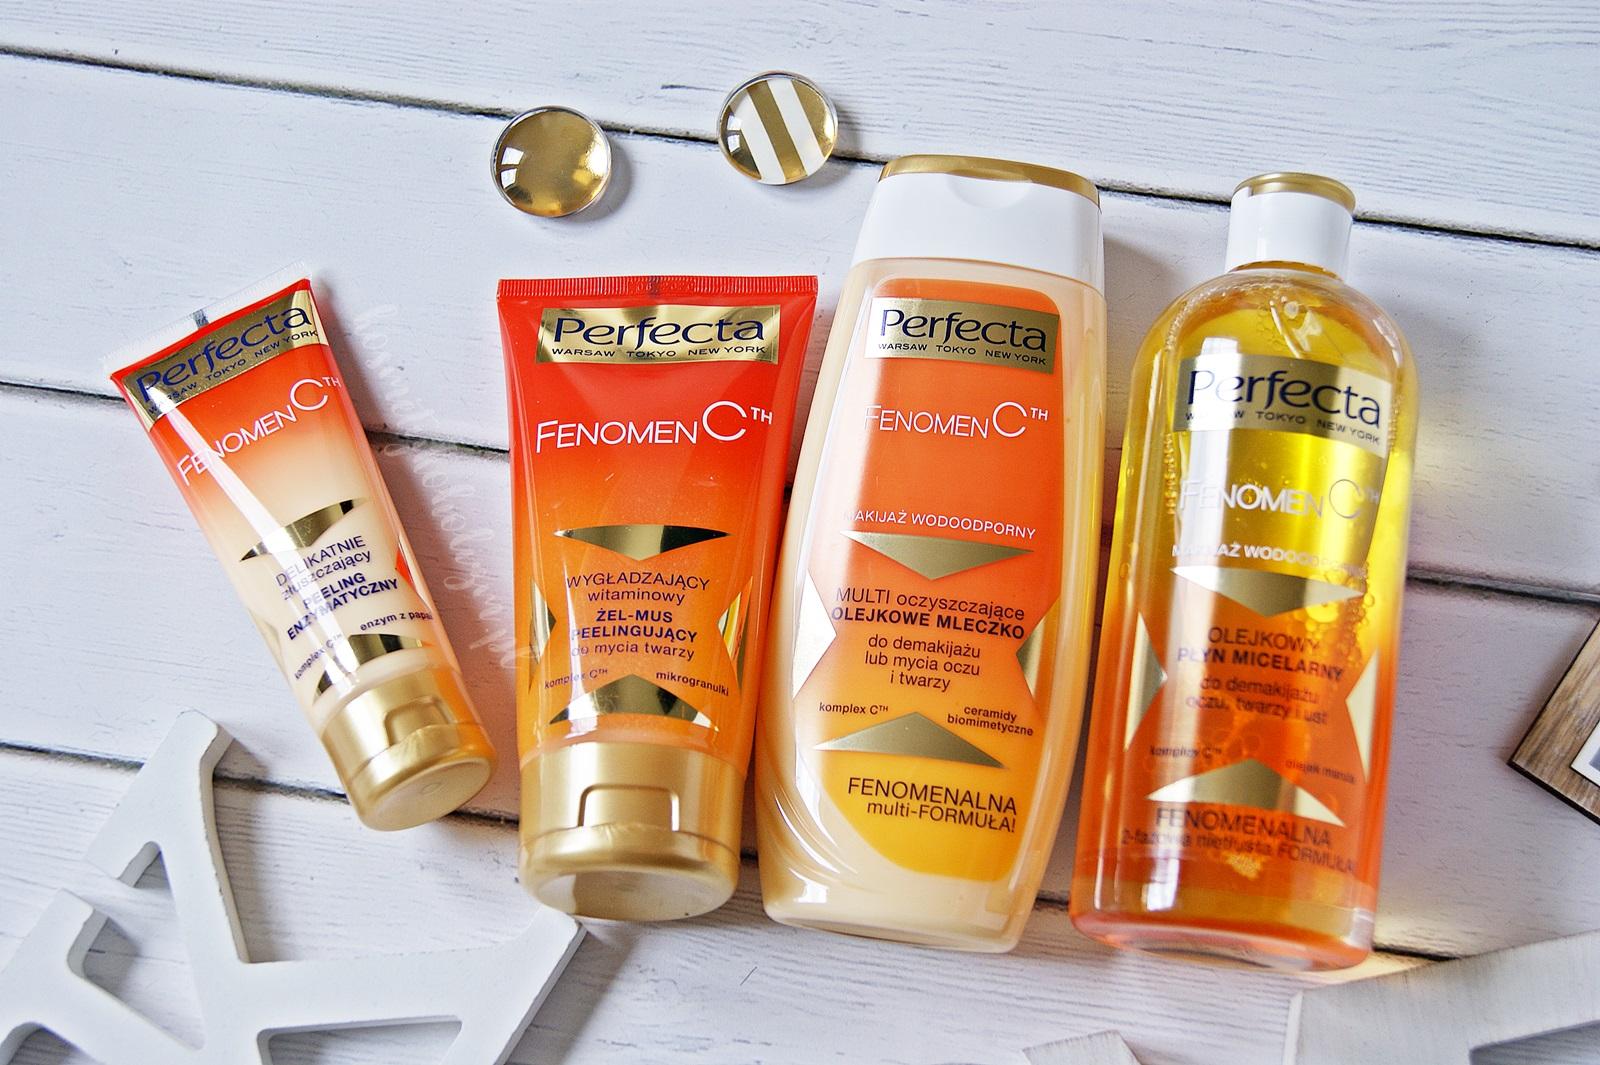 Perfecta FENOMEN CTH | Demakijaż i oczyszczanie z witaminą C